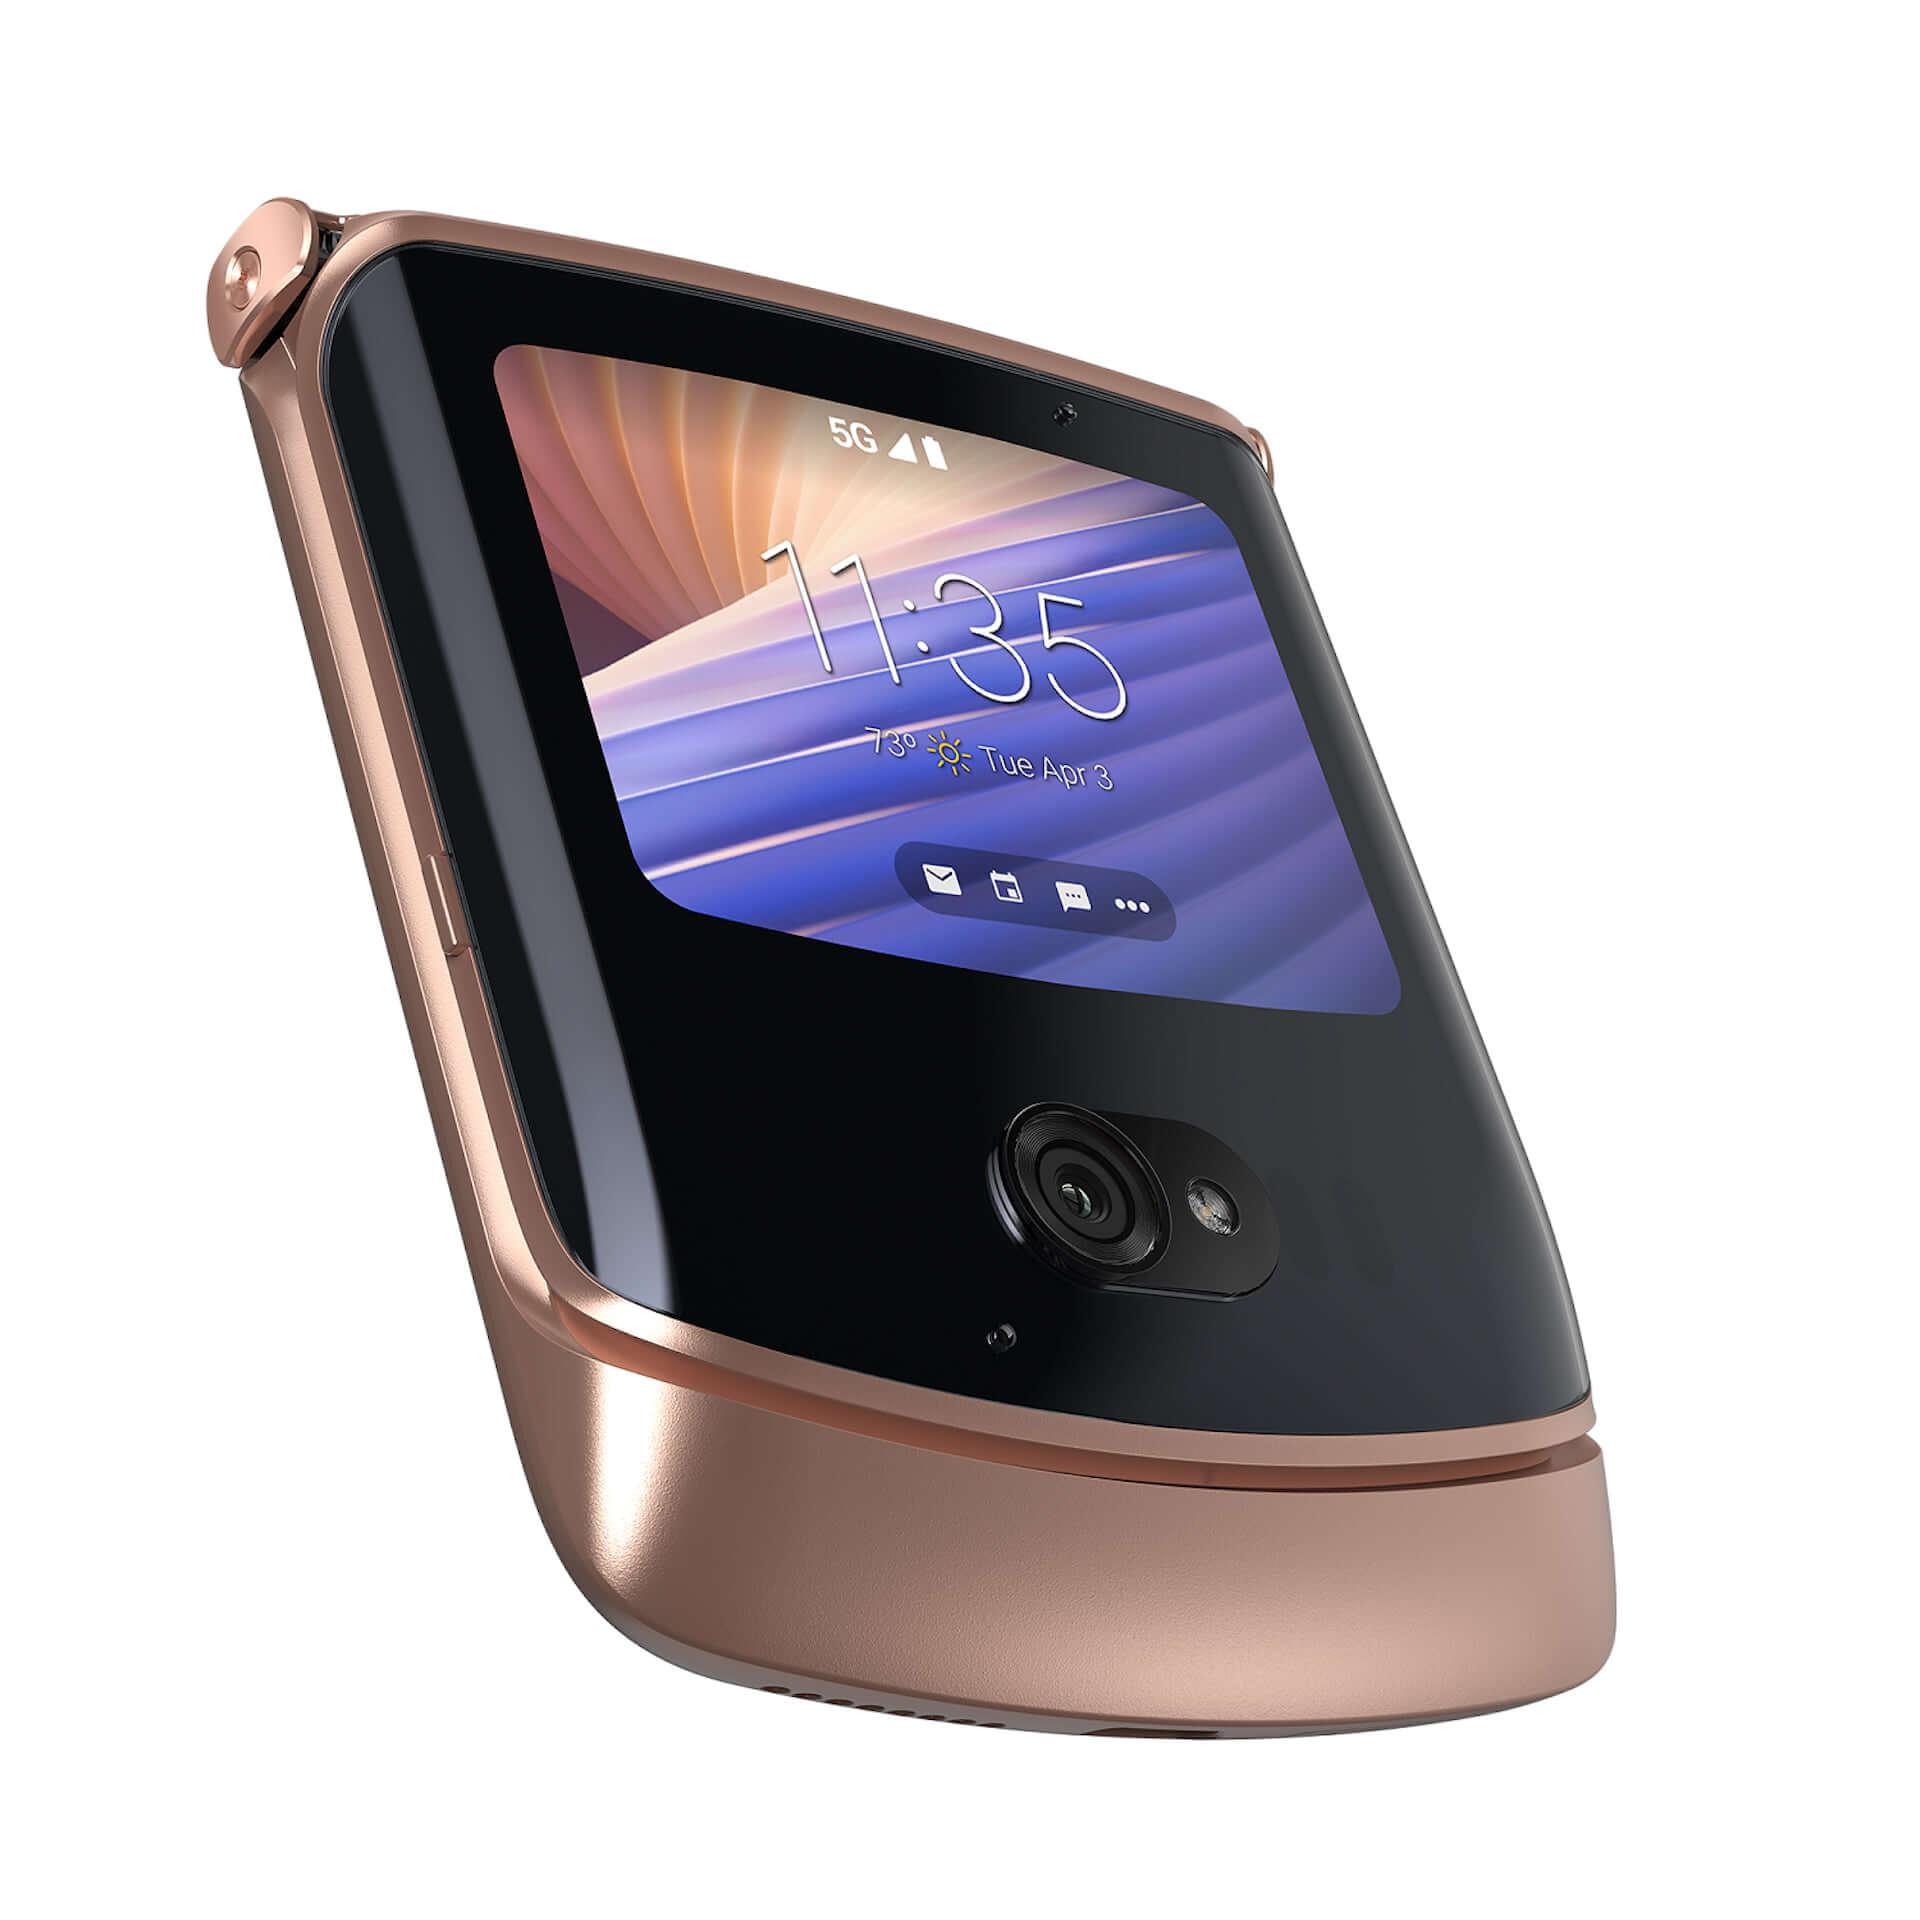 折りたたみ式5G対応スマホ『motorola razr 5G』に限定カラー「Blush Gold」が登場!+Styleにて国内独占販売 tech210319_motorola-razr-5G_2-1920x1920